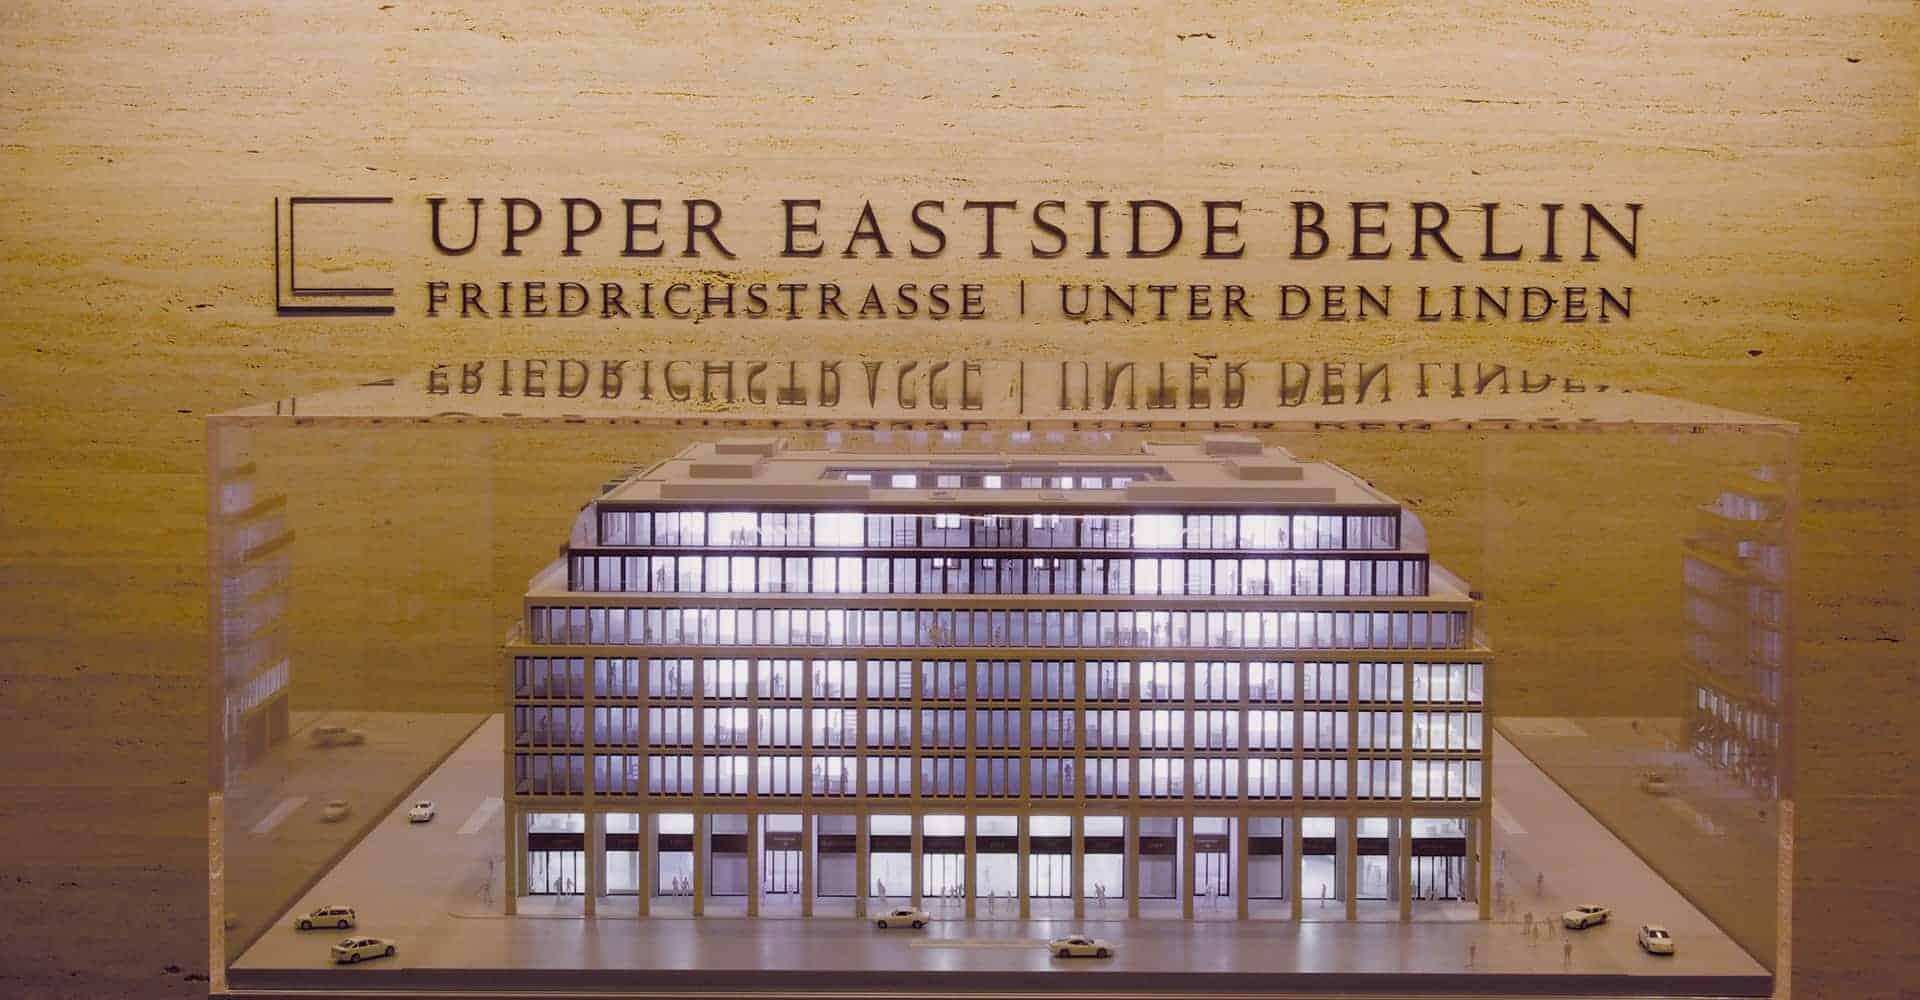 UPPER EASTSIDE BERLIN   INNENARCHITEKTUR SHOWROOM   Konzeption des Präsentationsbereiches in Berlin Zu unseren Aufgaben gehörte die Entwicklung des Raumdesigns, die Bodenverlegung mit Designerbelag, die Wandverkleidung mit Natursetin sowie die Büroausstattung. Außerdem wurden wir mit der Auswahl und Lieferung der Beleuchtung betraut.